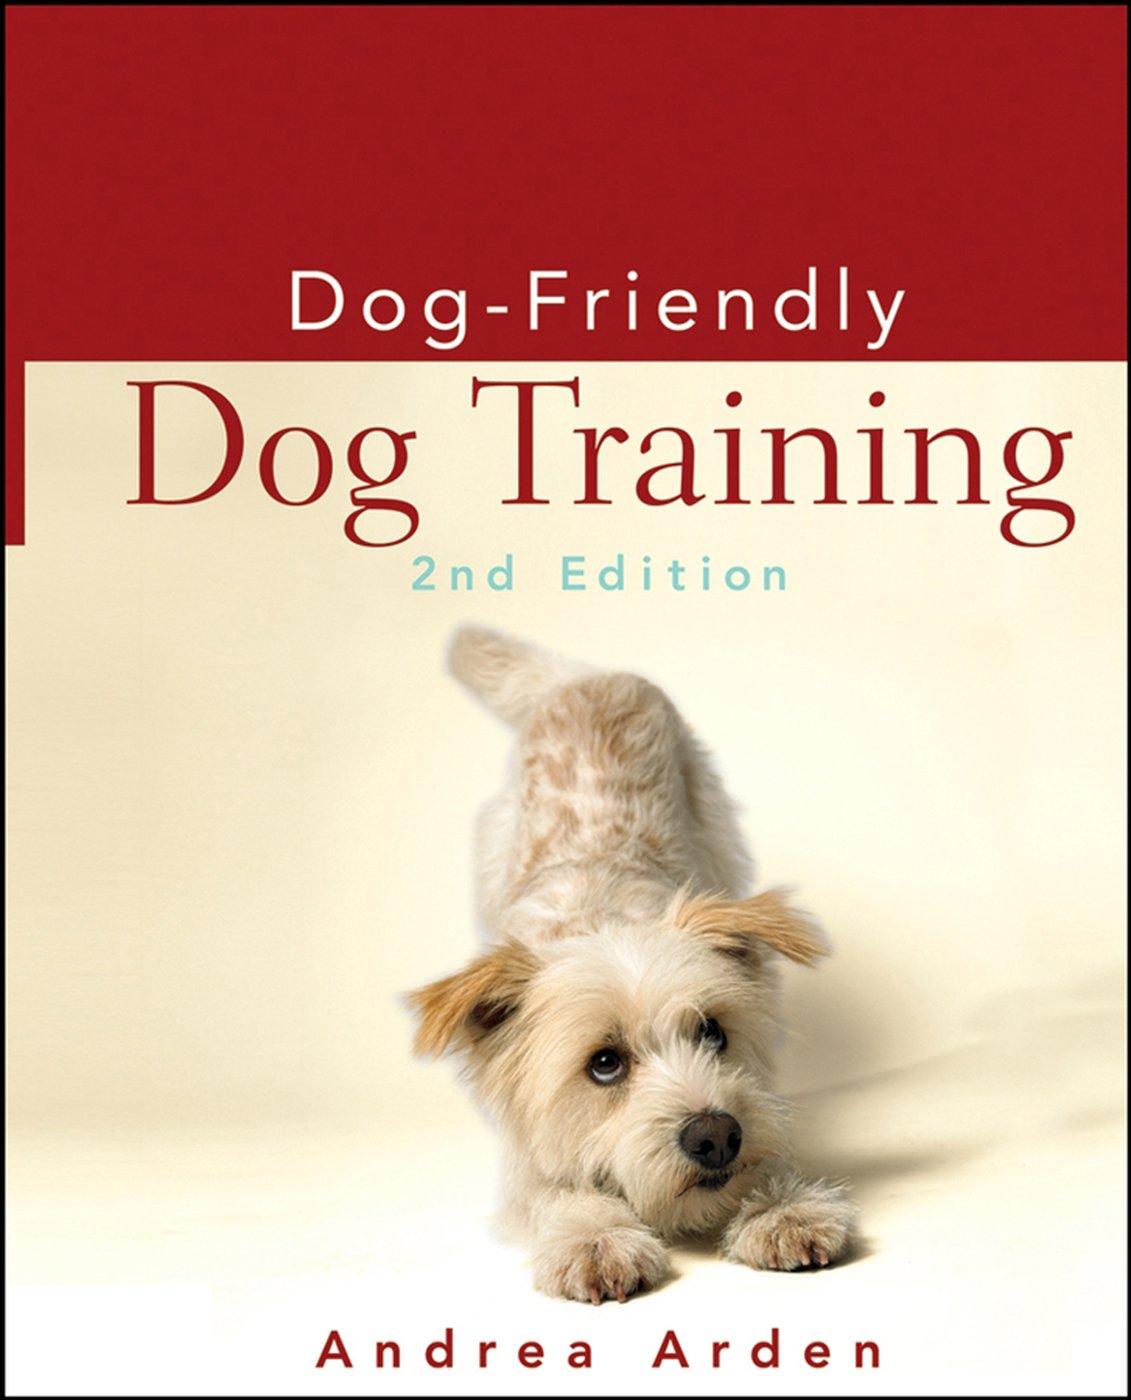 Need Dog Training Advice?